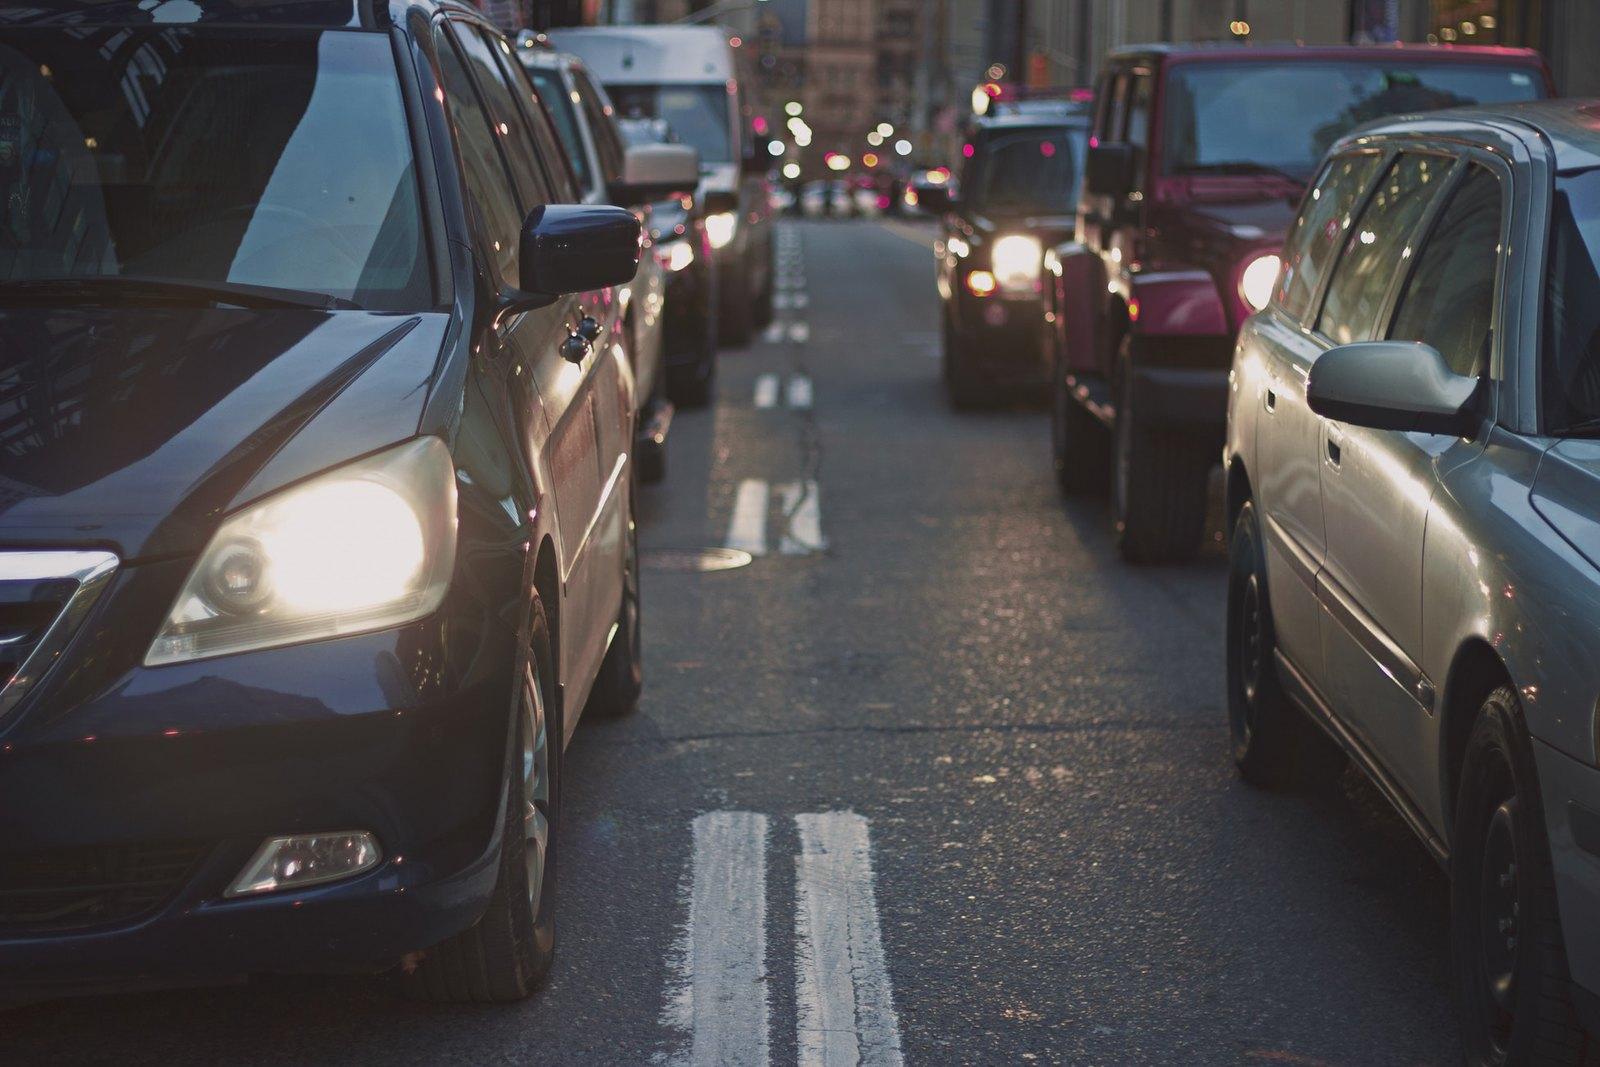 Súlyosan károsítja a gyerekek tüdejét az autógumikról szálló mikroműanyag